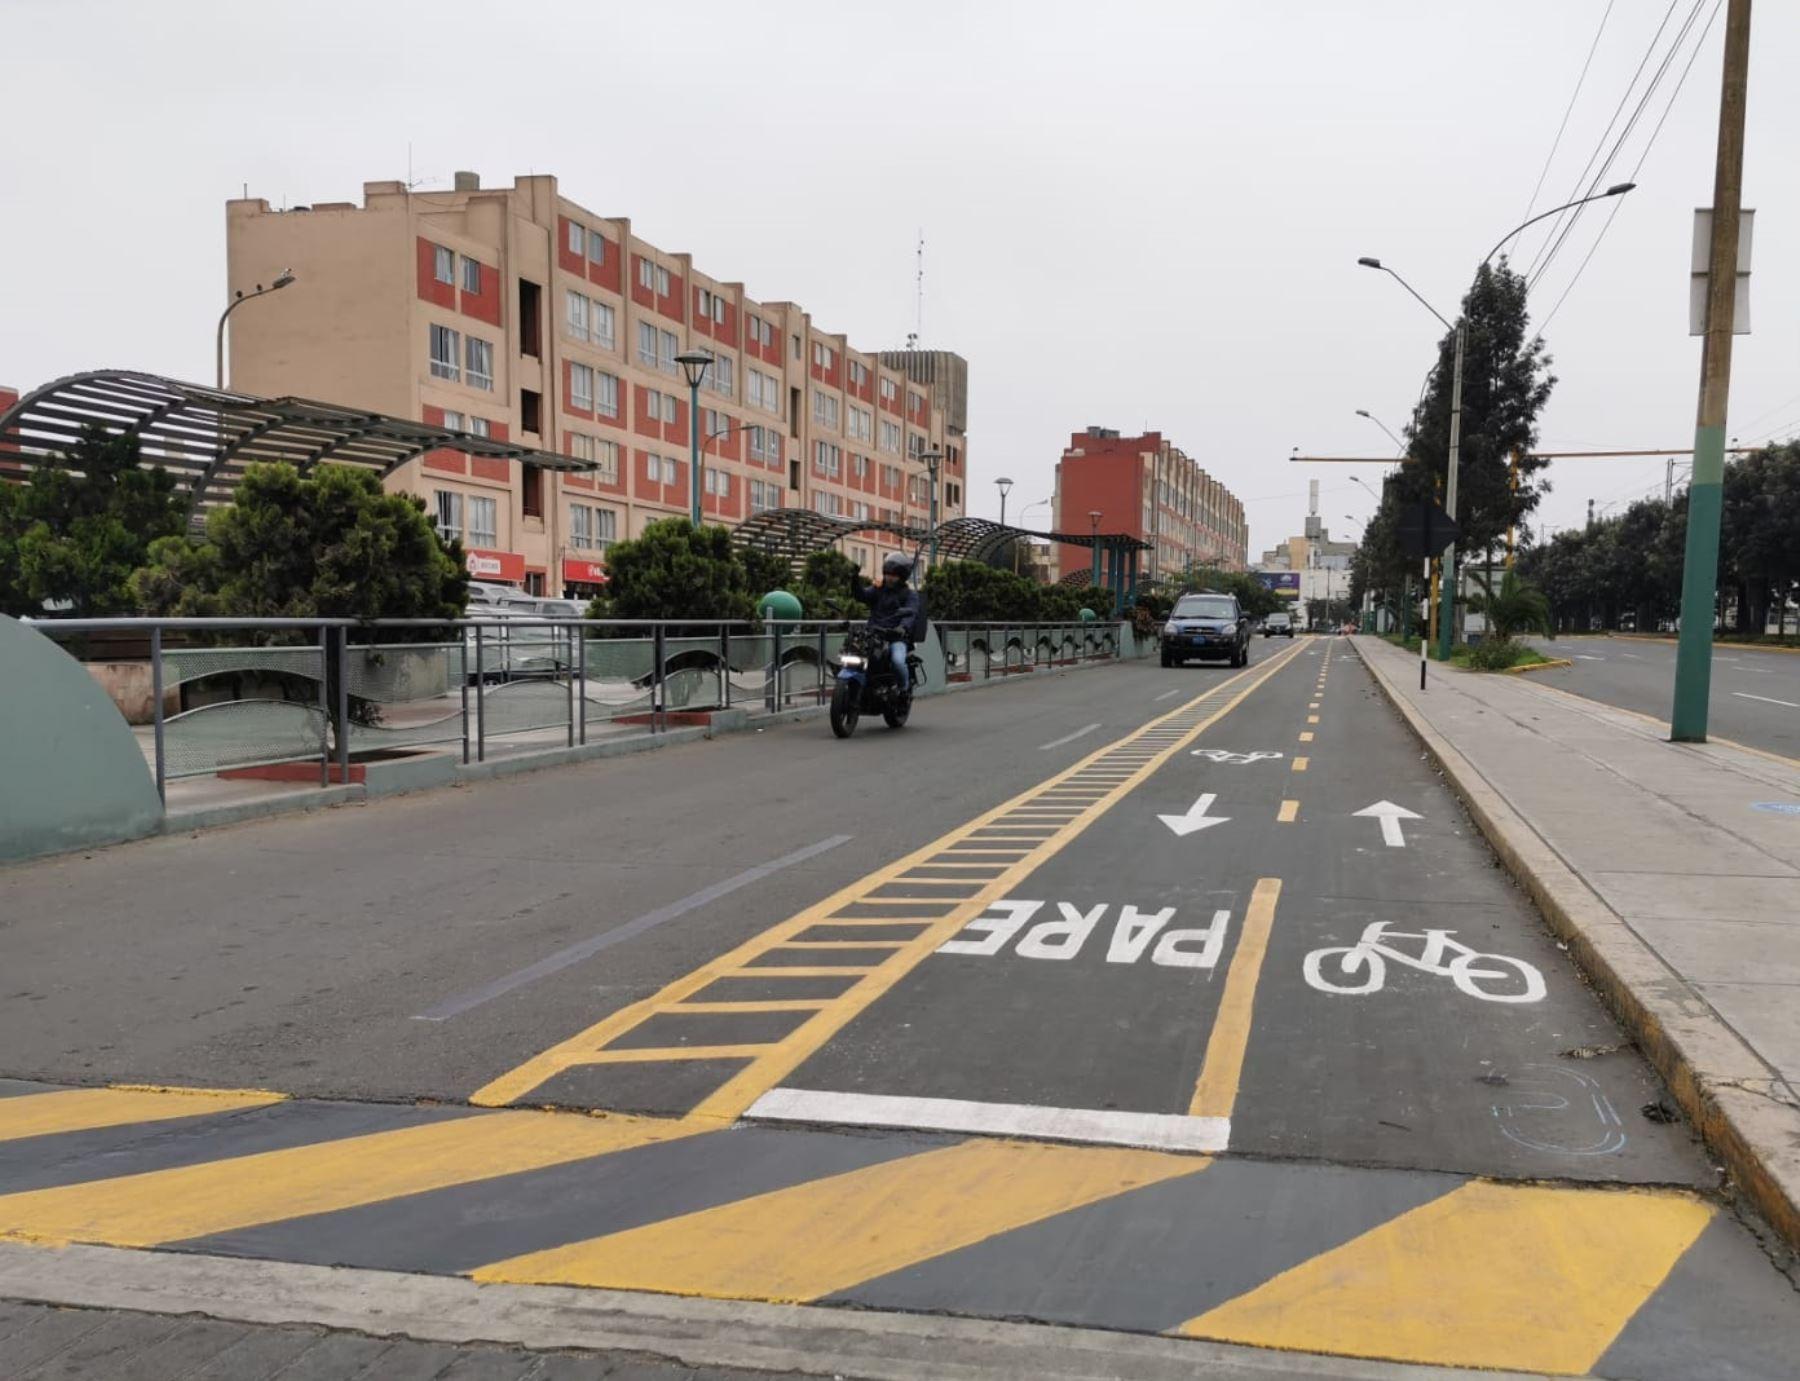 """Proyecto intermodal """"Yo me Muevo en bici"""", una importante alternativa de transporte para evitar masivos contagios del covid-19 en el transporte público de Lima. Foto: Municipalidad de San Borja"""